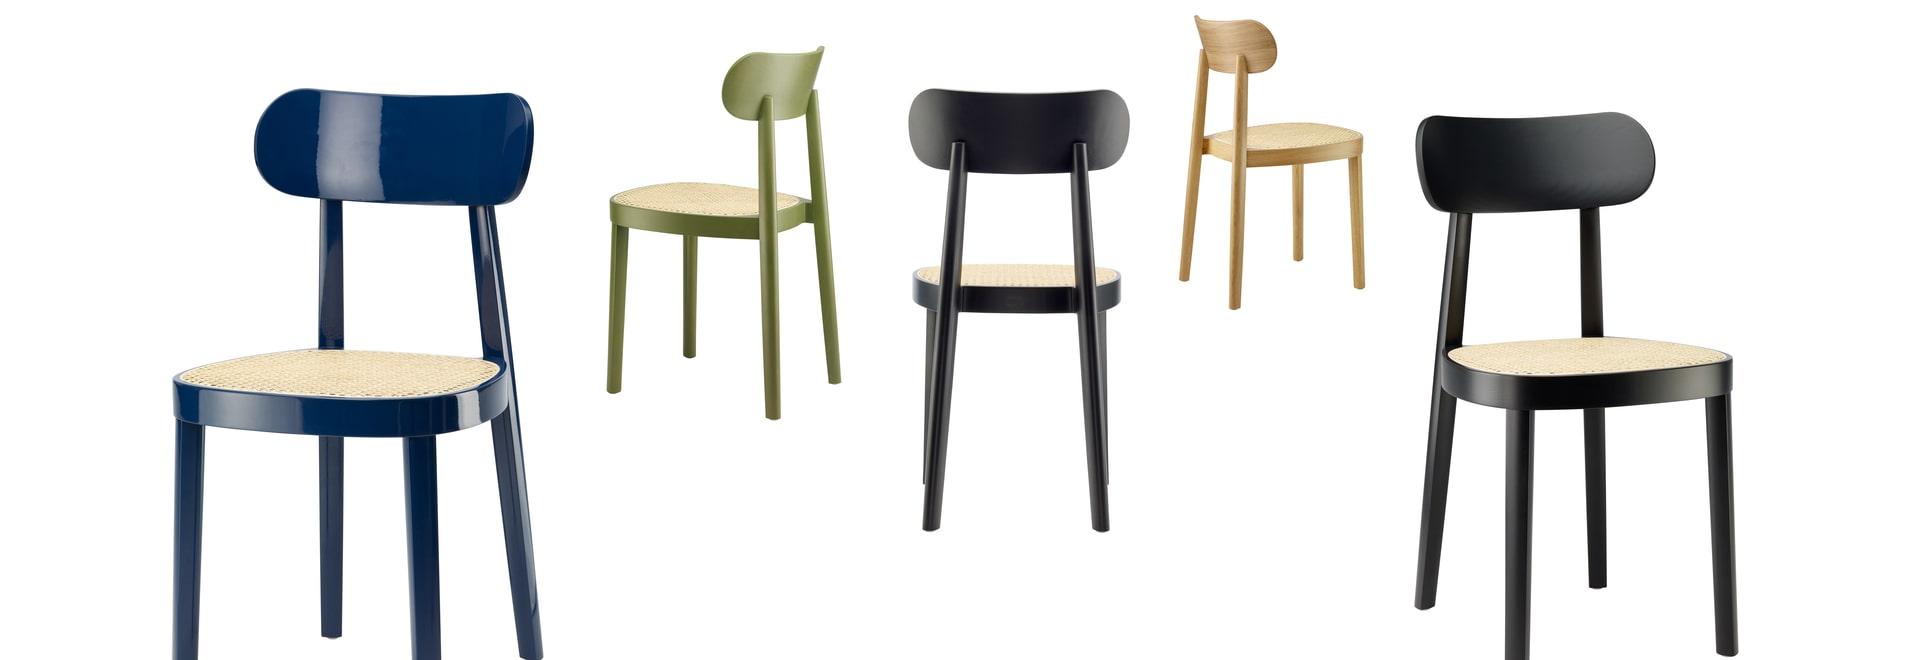 Thonet chair 118